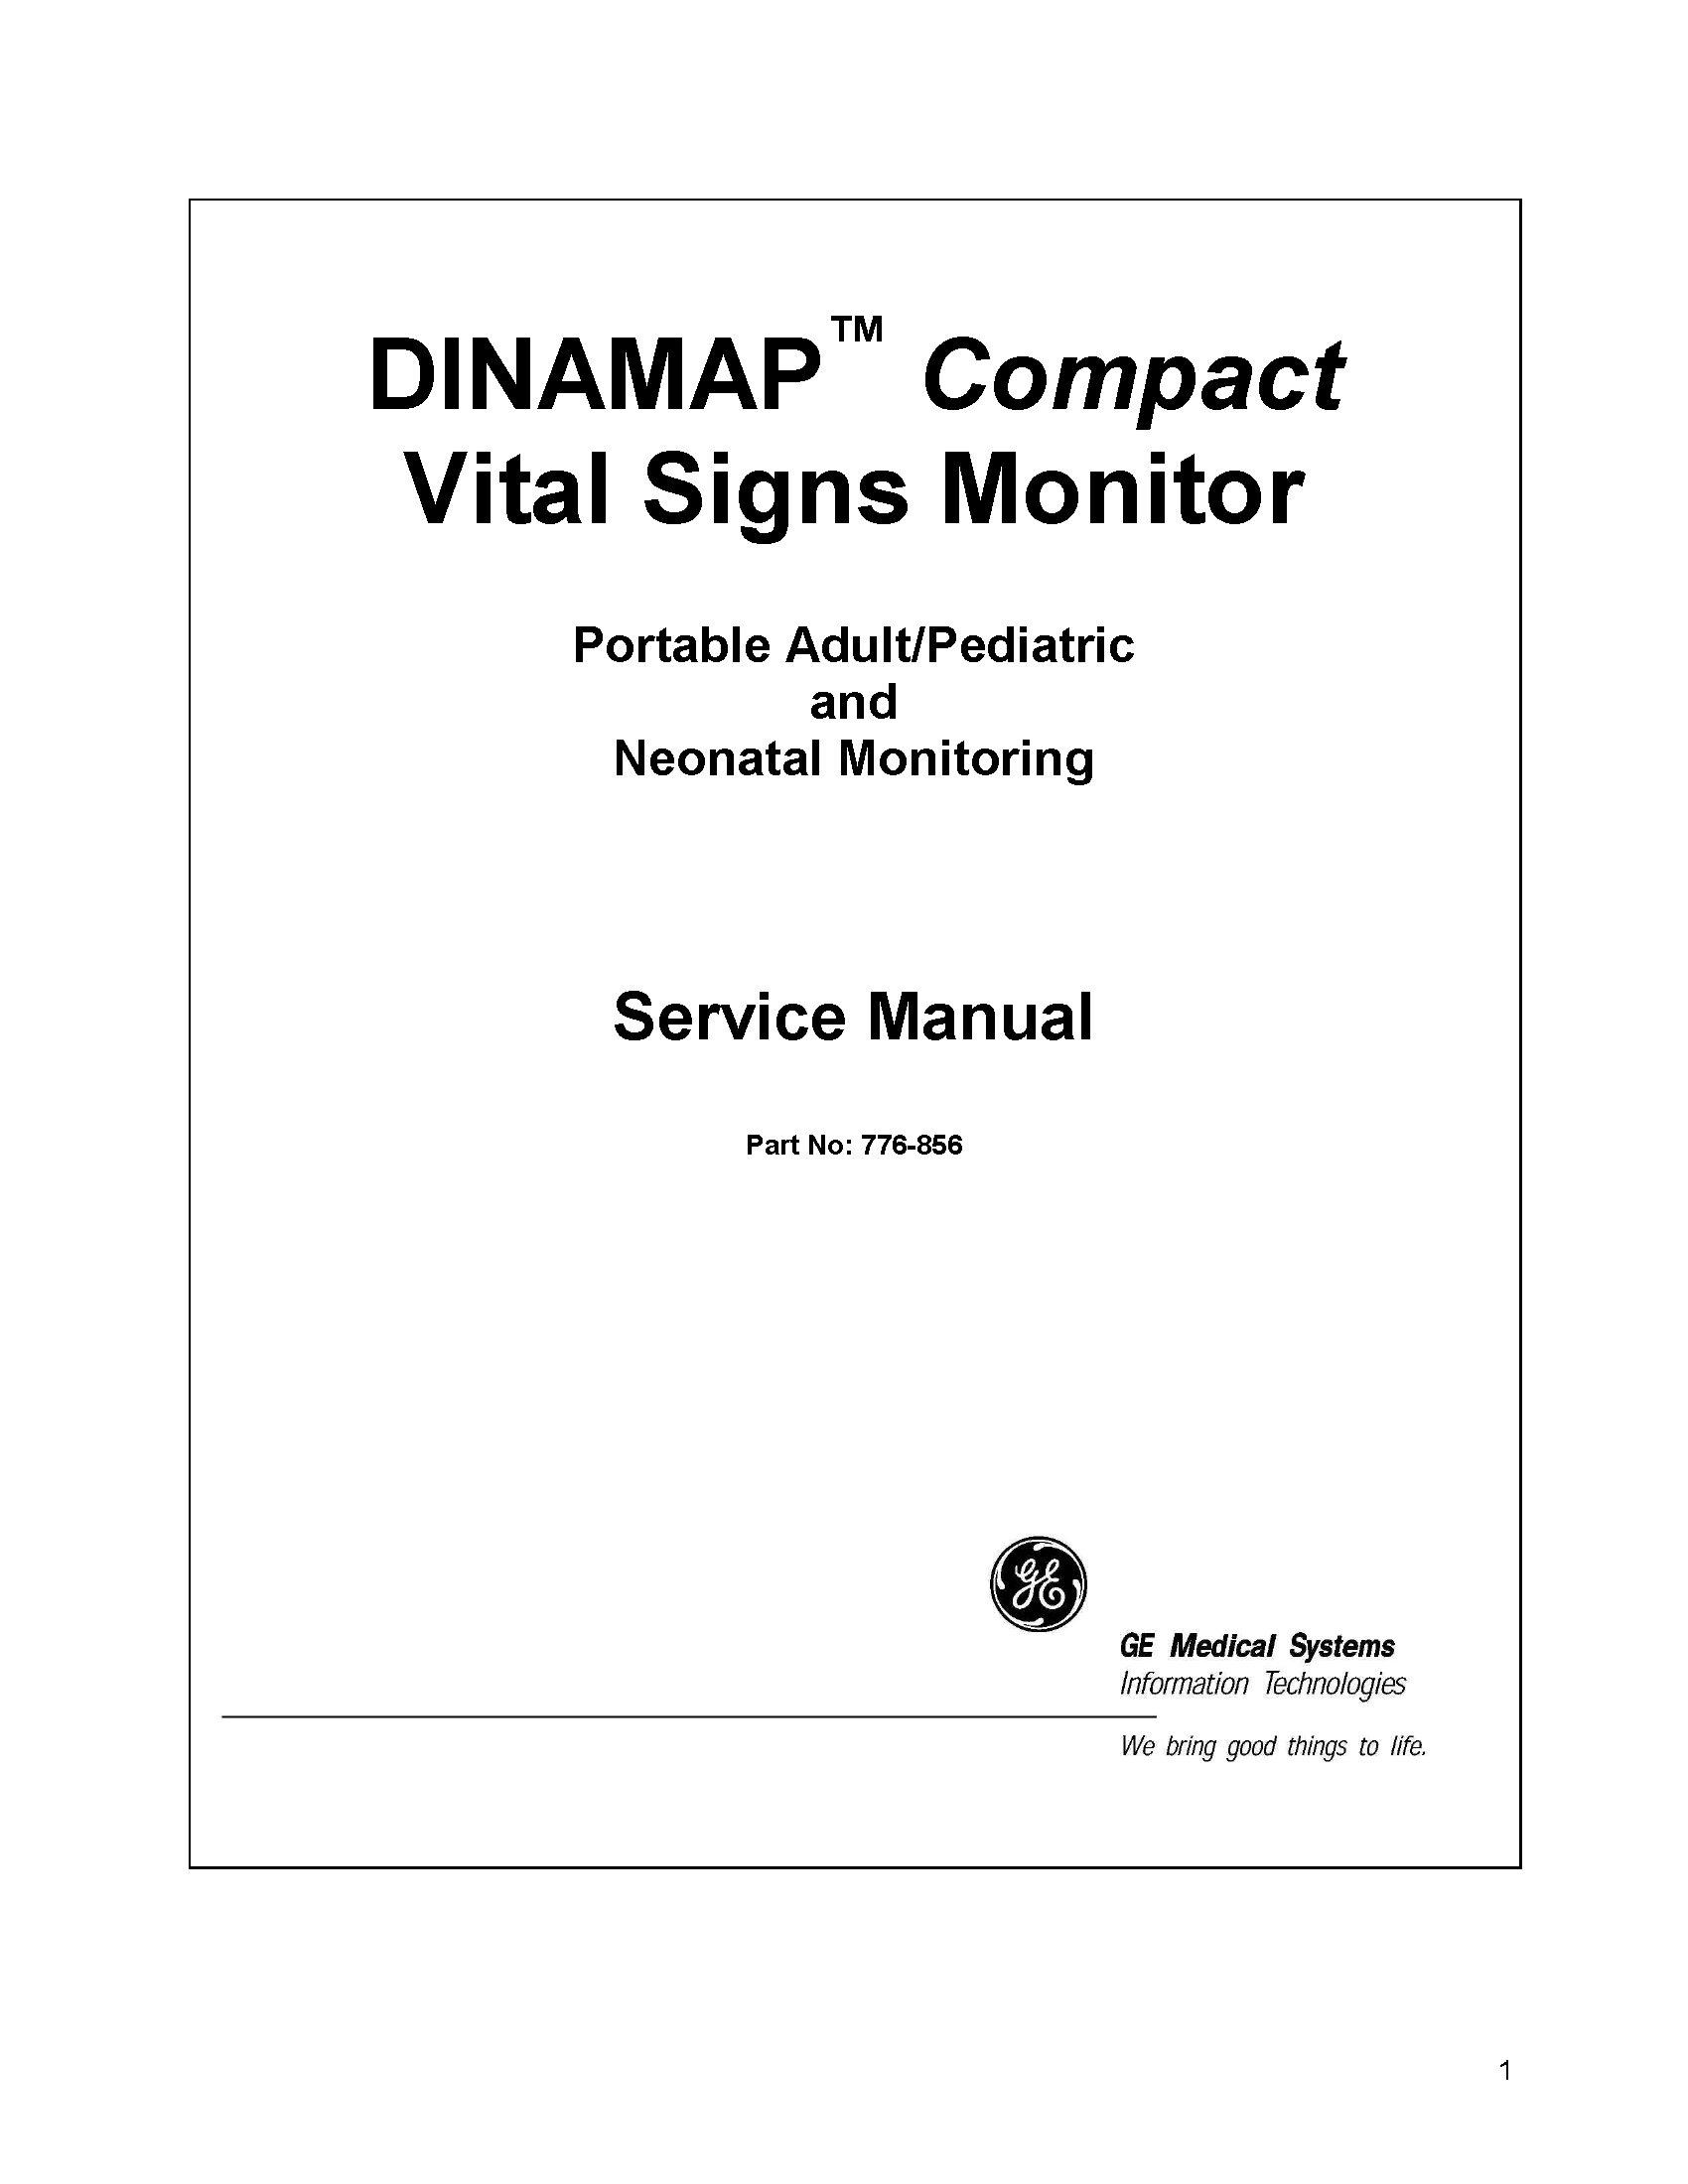 GE Dinamap Compact Service manual